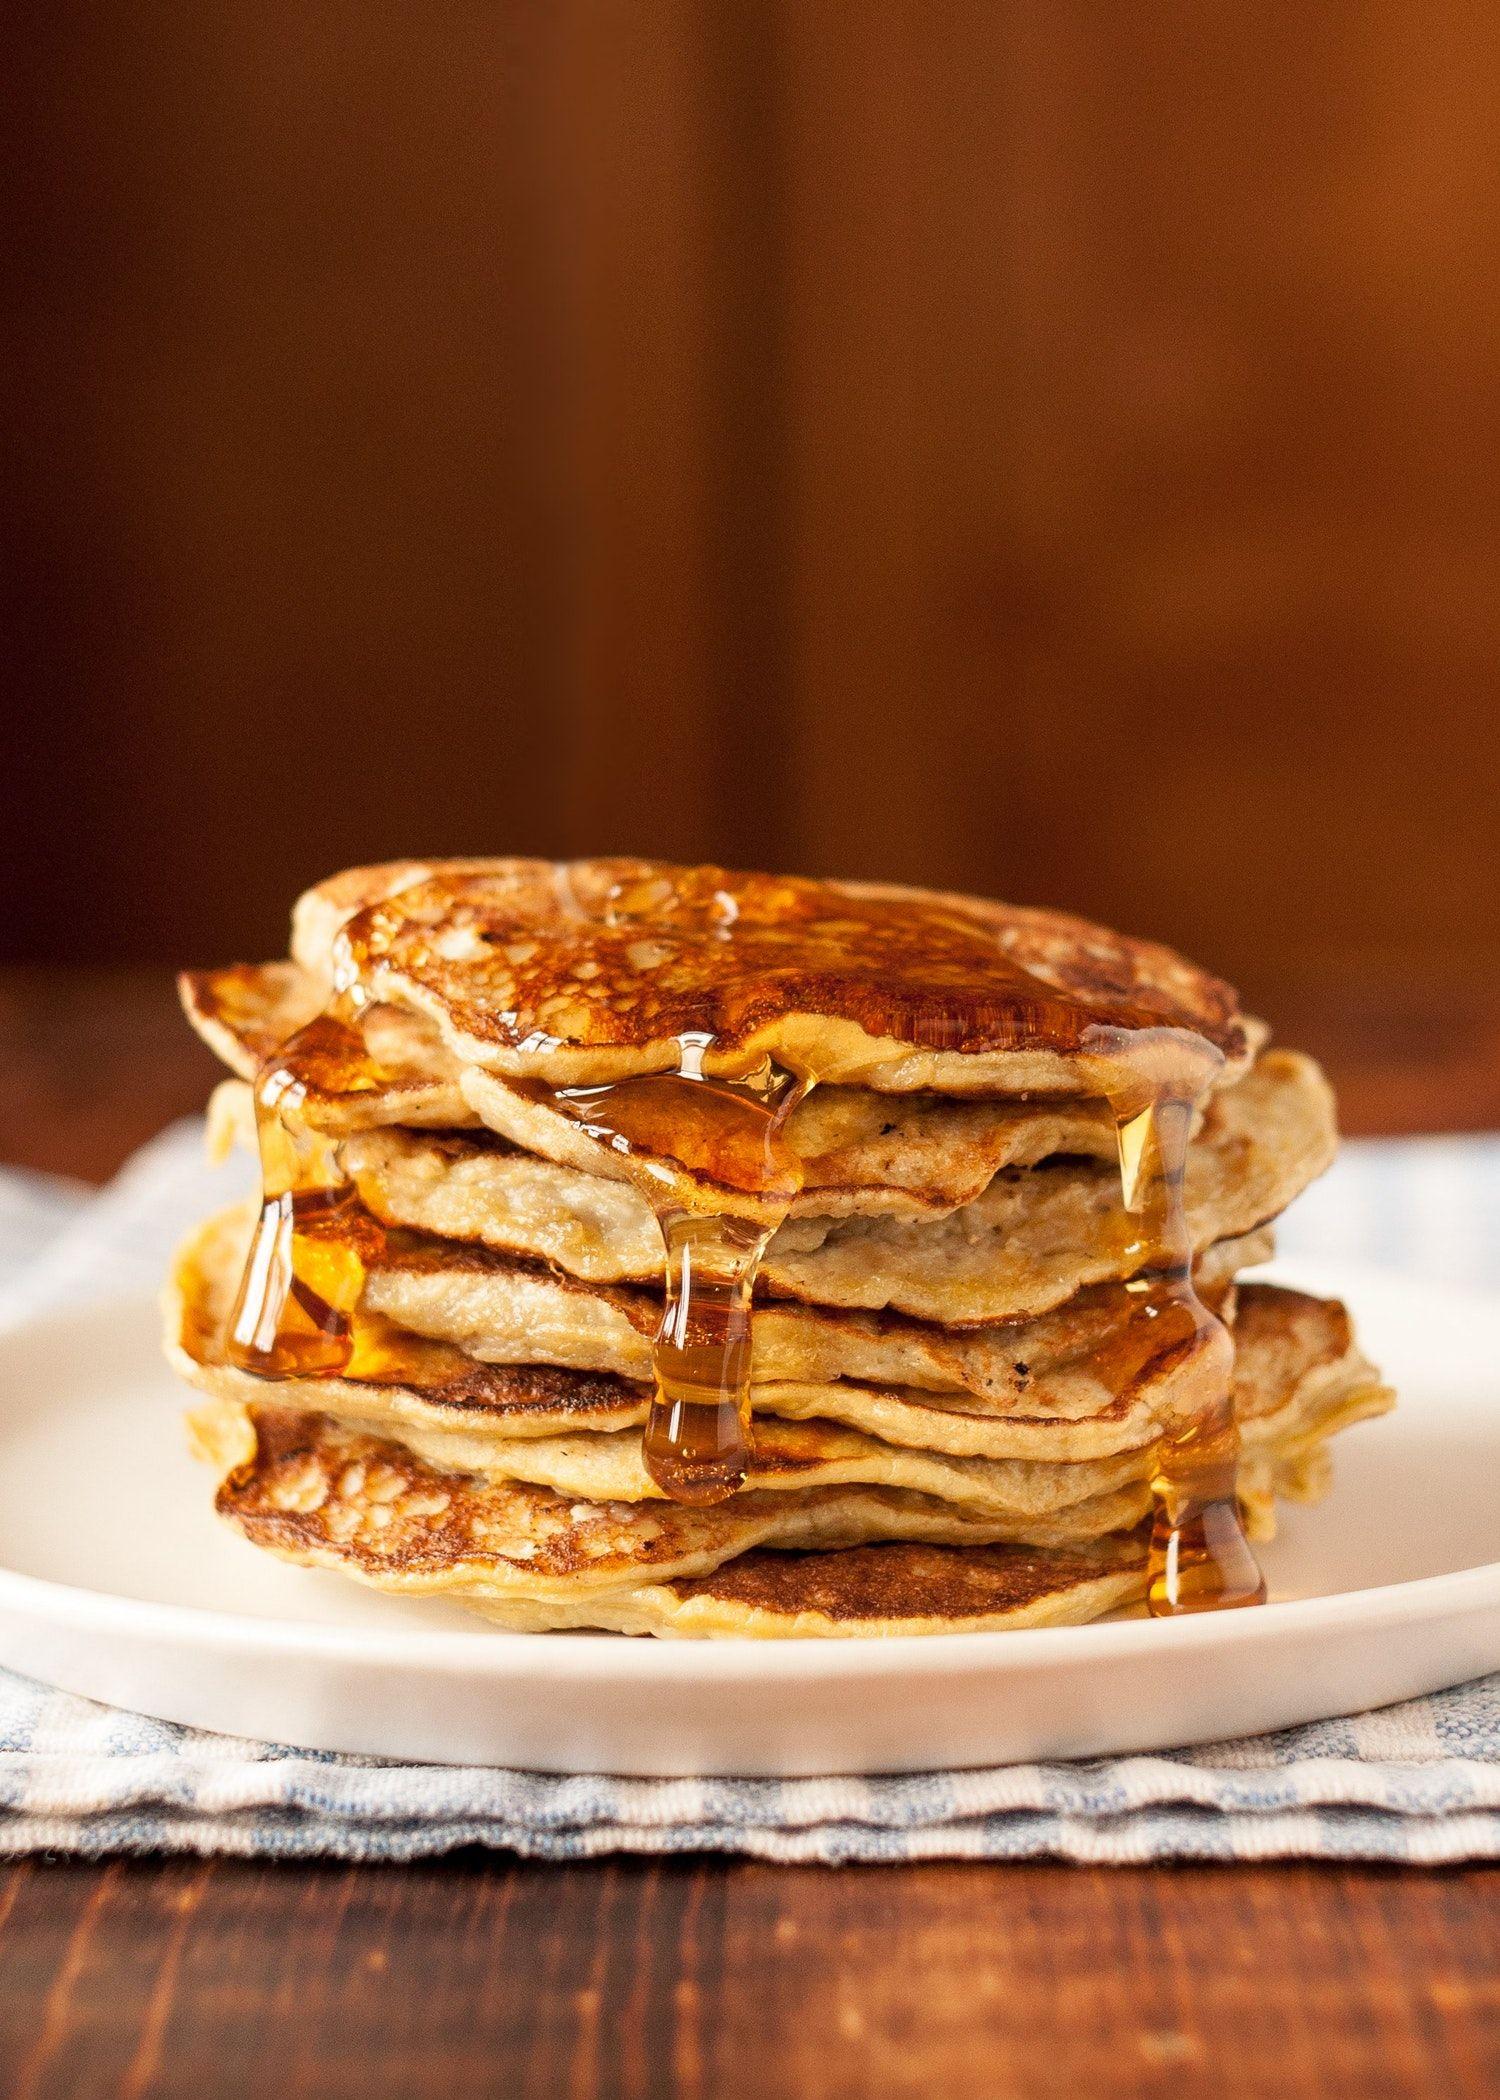 How To Make 2 Ingredient Banana Pancakes Recipe Recipes Breakfast Recipes Banana Pancakes